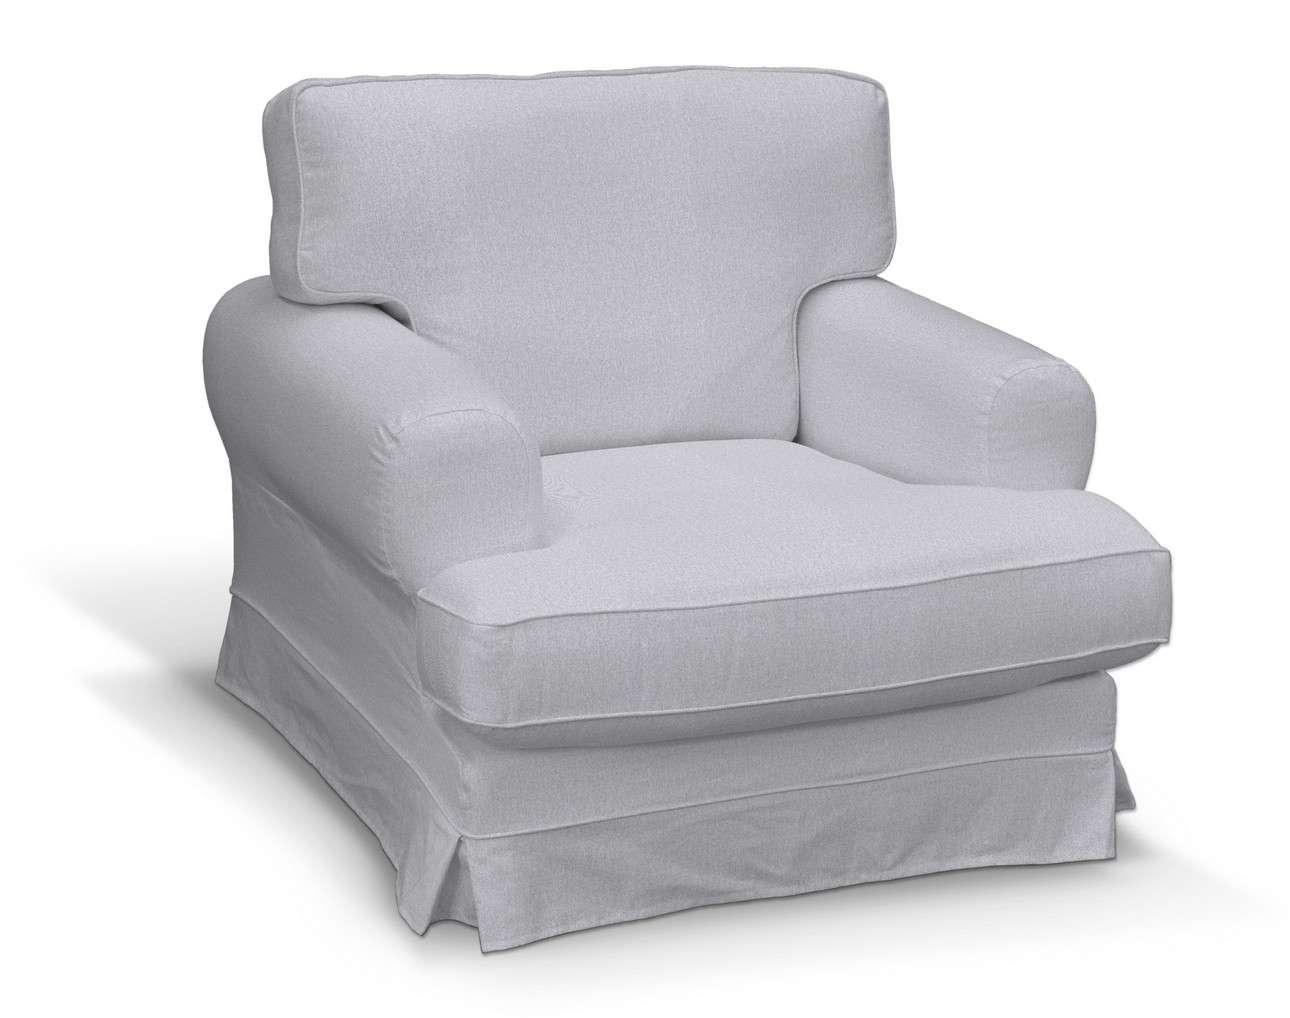 Pokrowiec na fotel Ekeskog w kolekcji Amsterdam, tkanina: 704-45